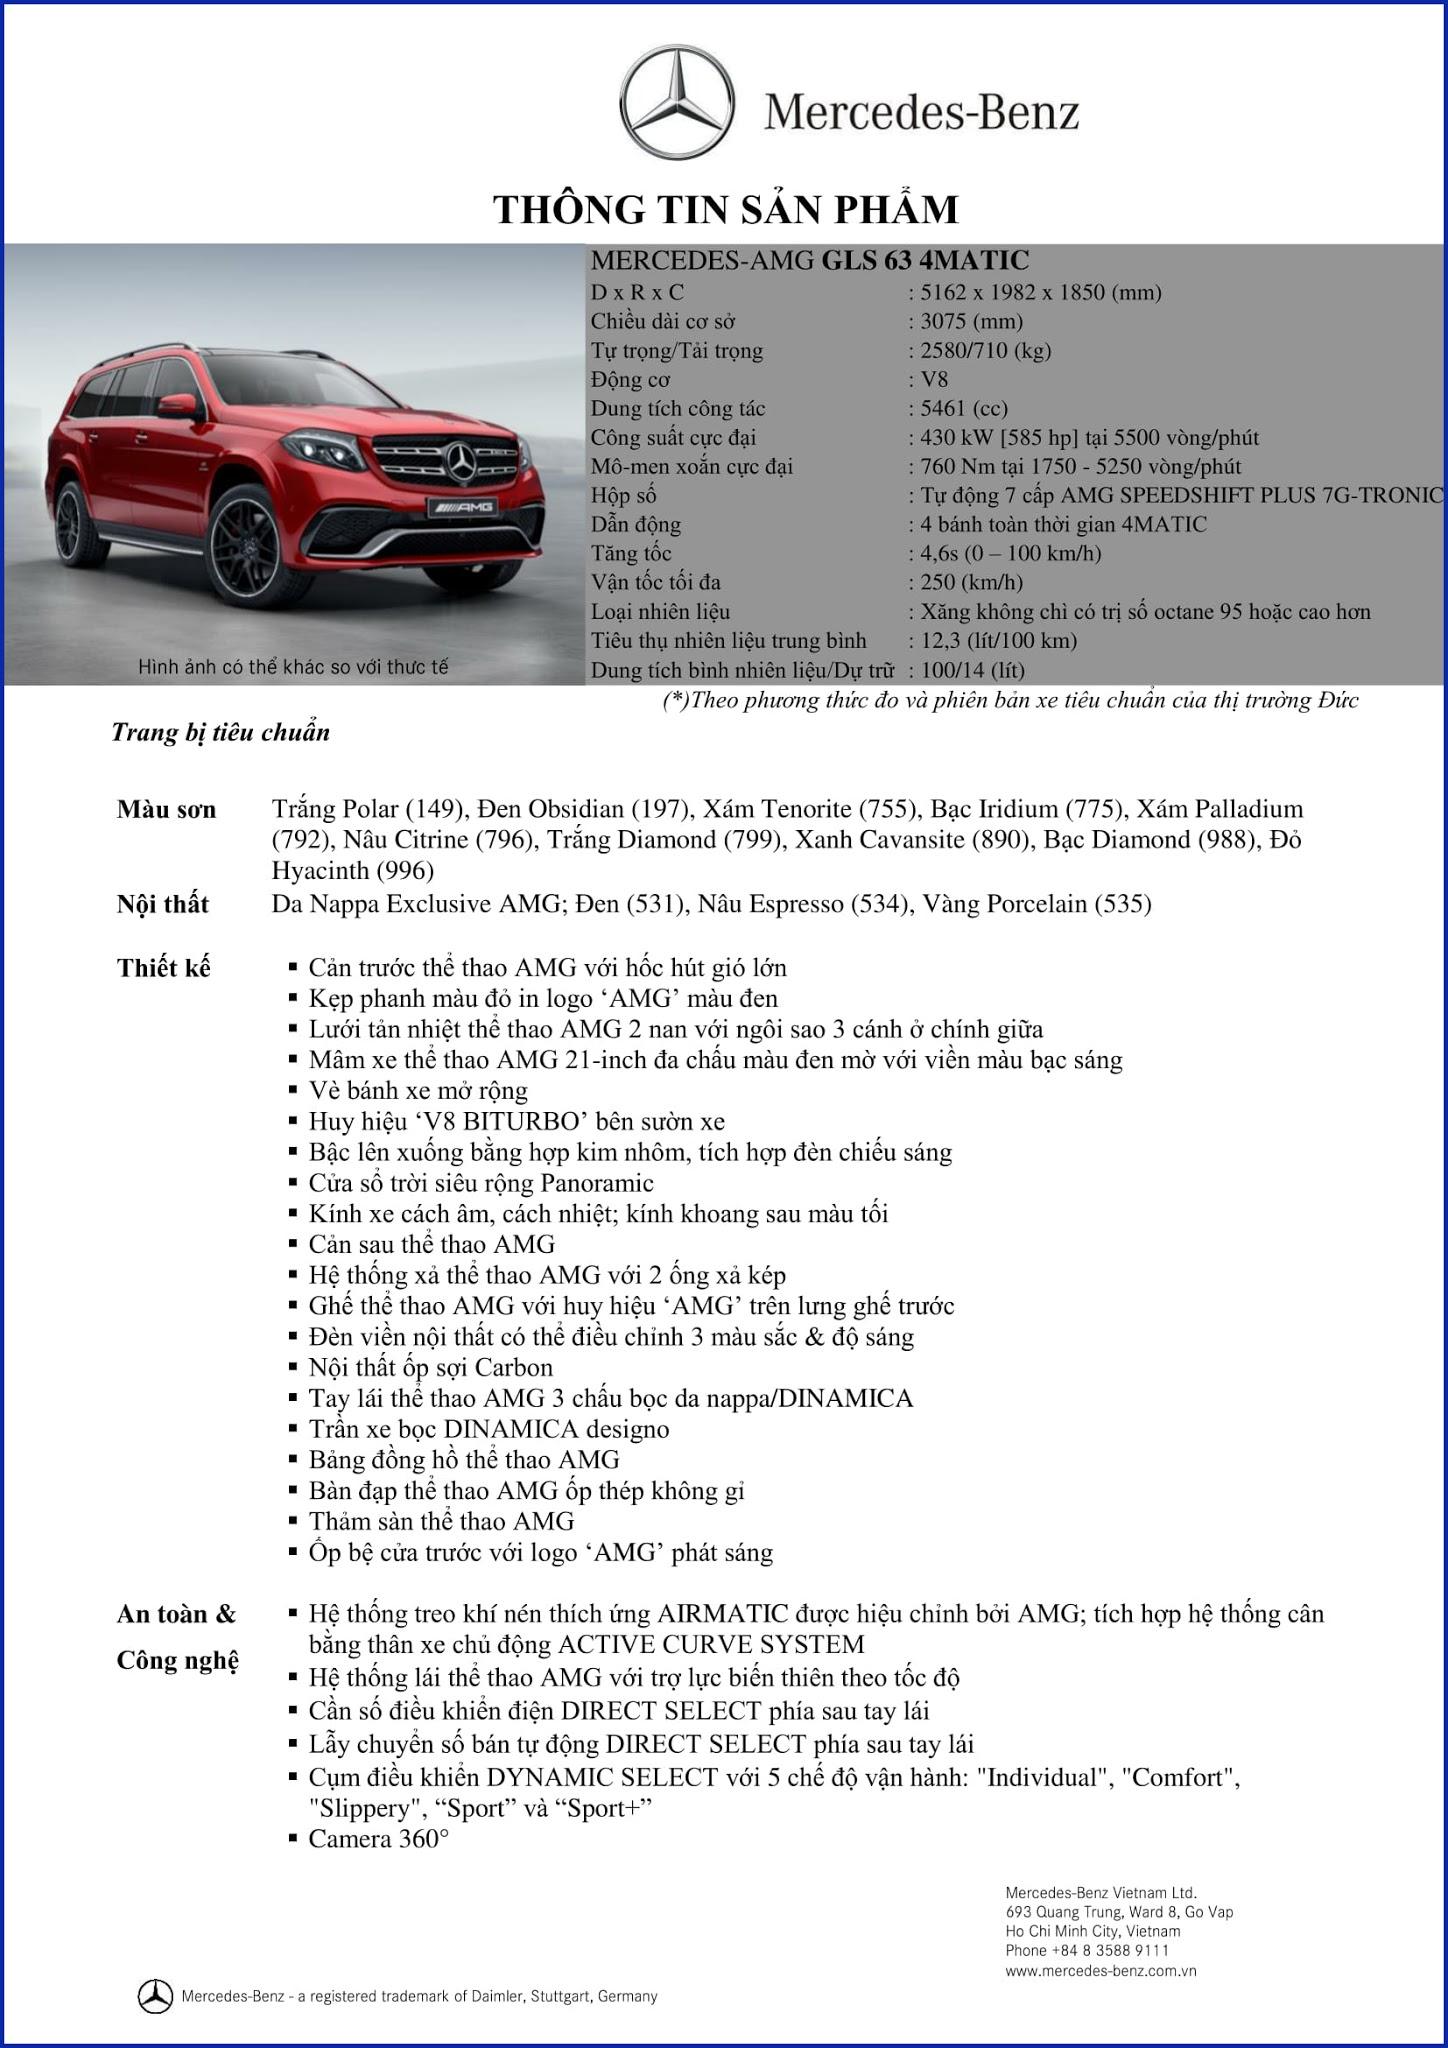 Bảng thông số kỹ thuật Mercedes AMG GLS 63 4MATIC 2018 tại Mercedes Trường Chinh